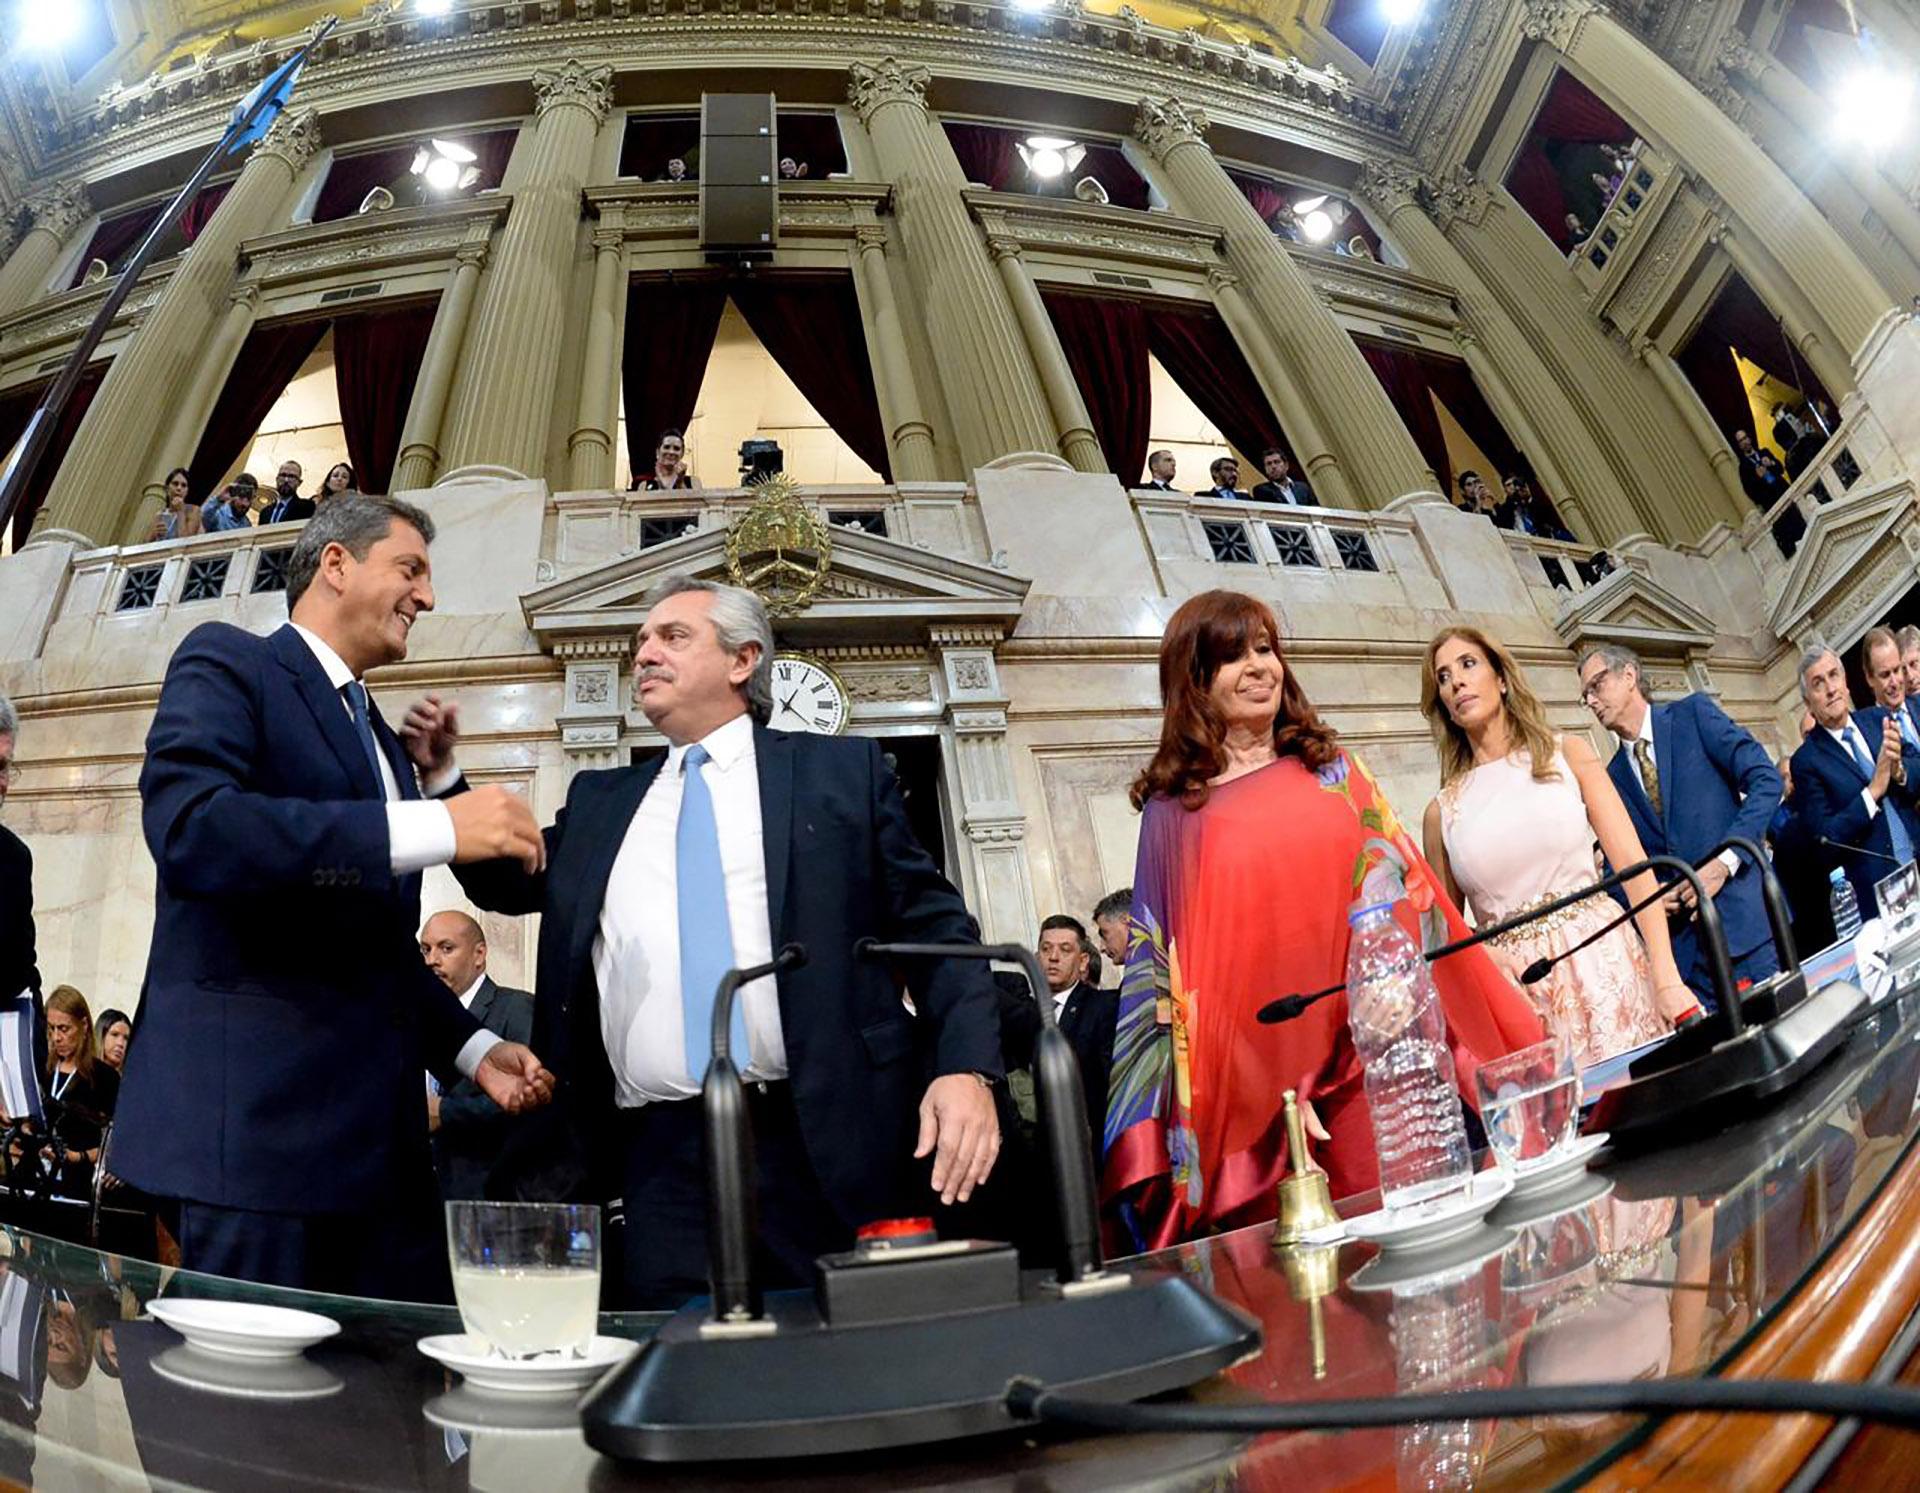 El momento en que el presidente Alberto Fernández ingresa al recinto para dar el discurso